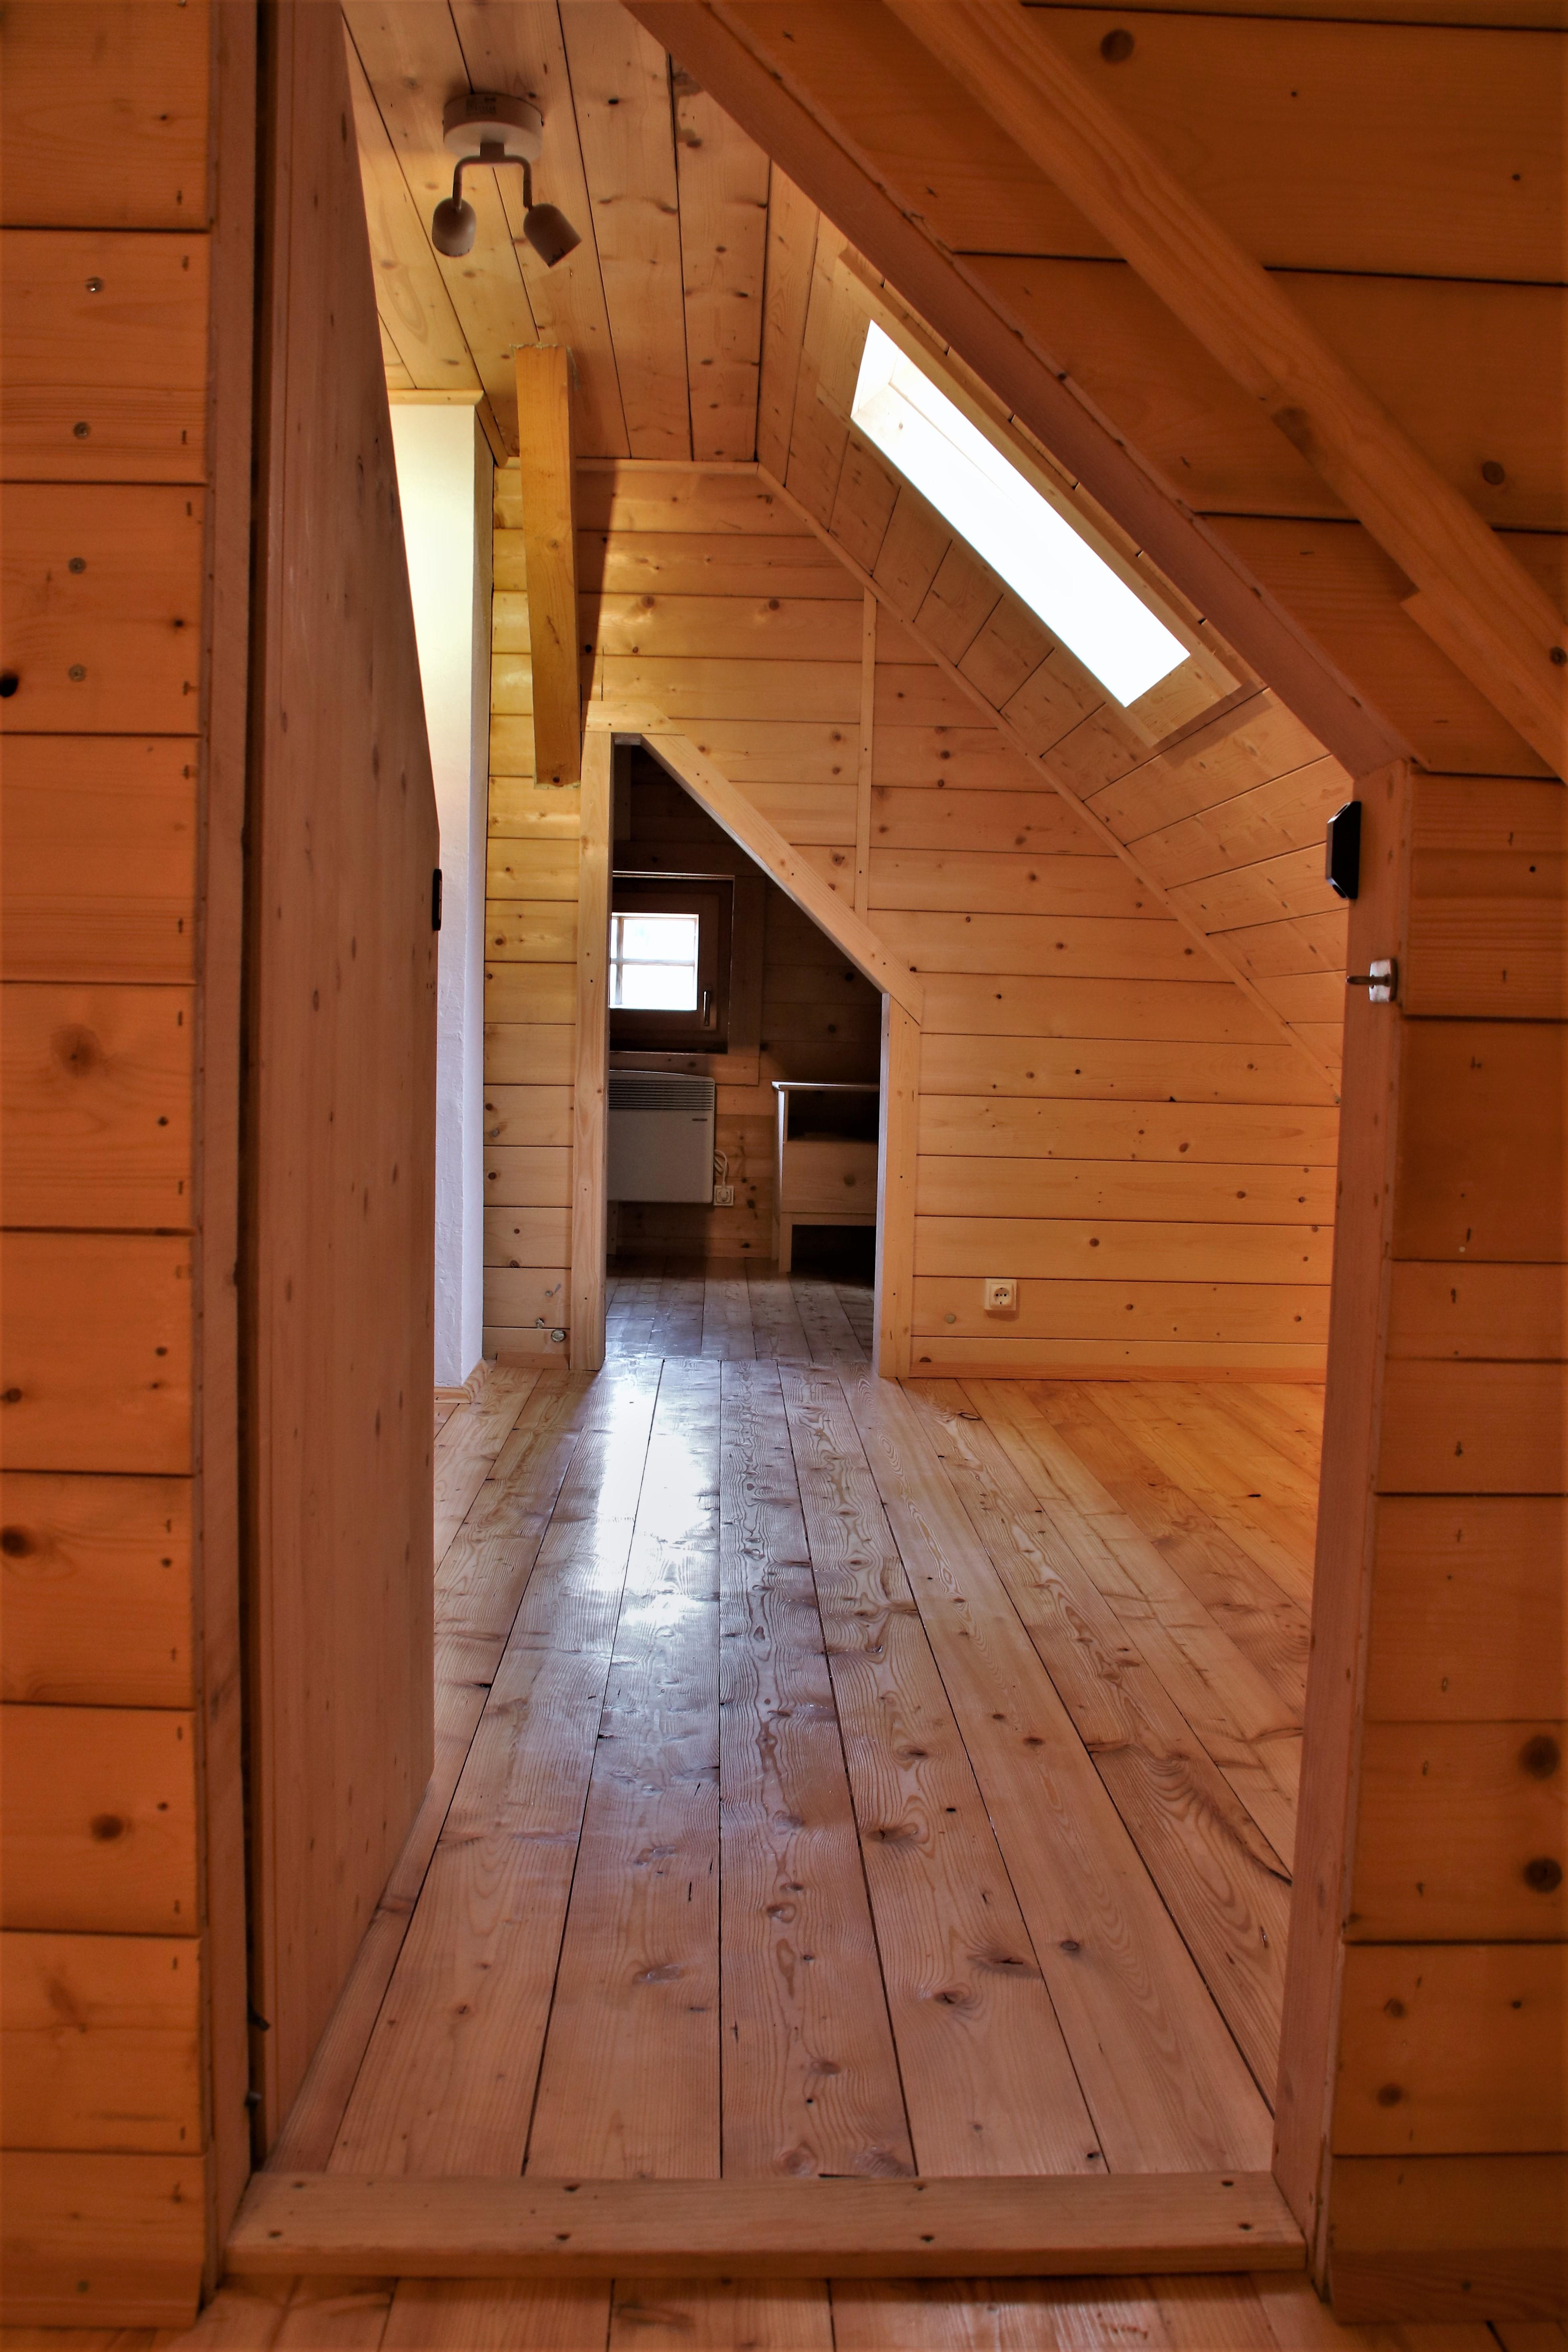 gams ein erlebnis der besonderen art. Black Bedroom Furniture Sets. Home Design Ideas